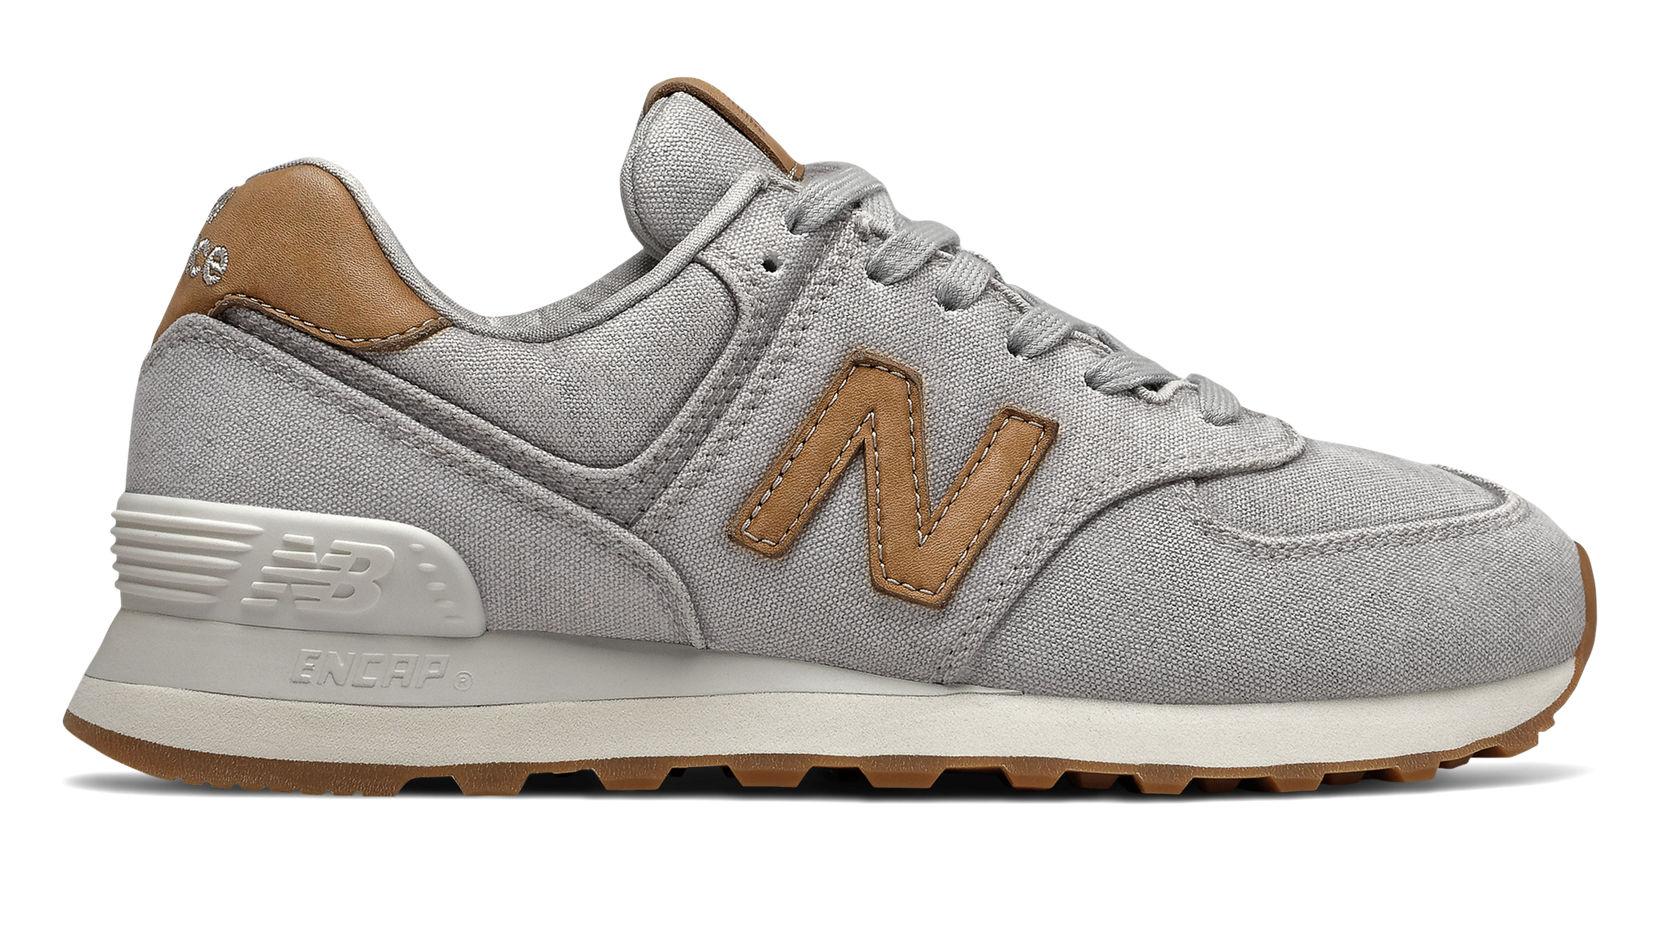 5 zapatillas NEW BALANCE marrones para mujer 2020 ...